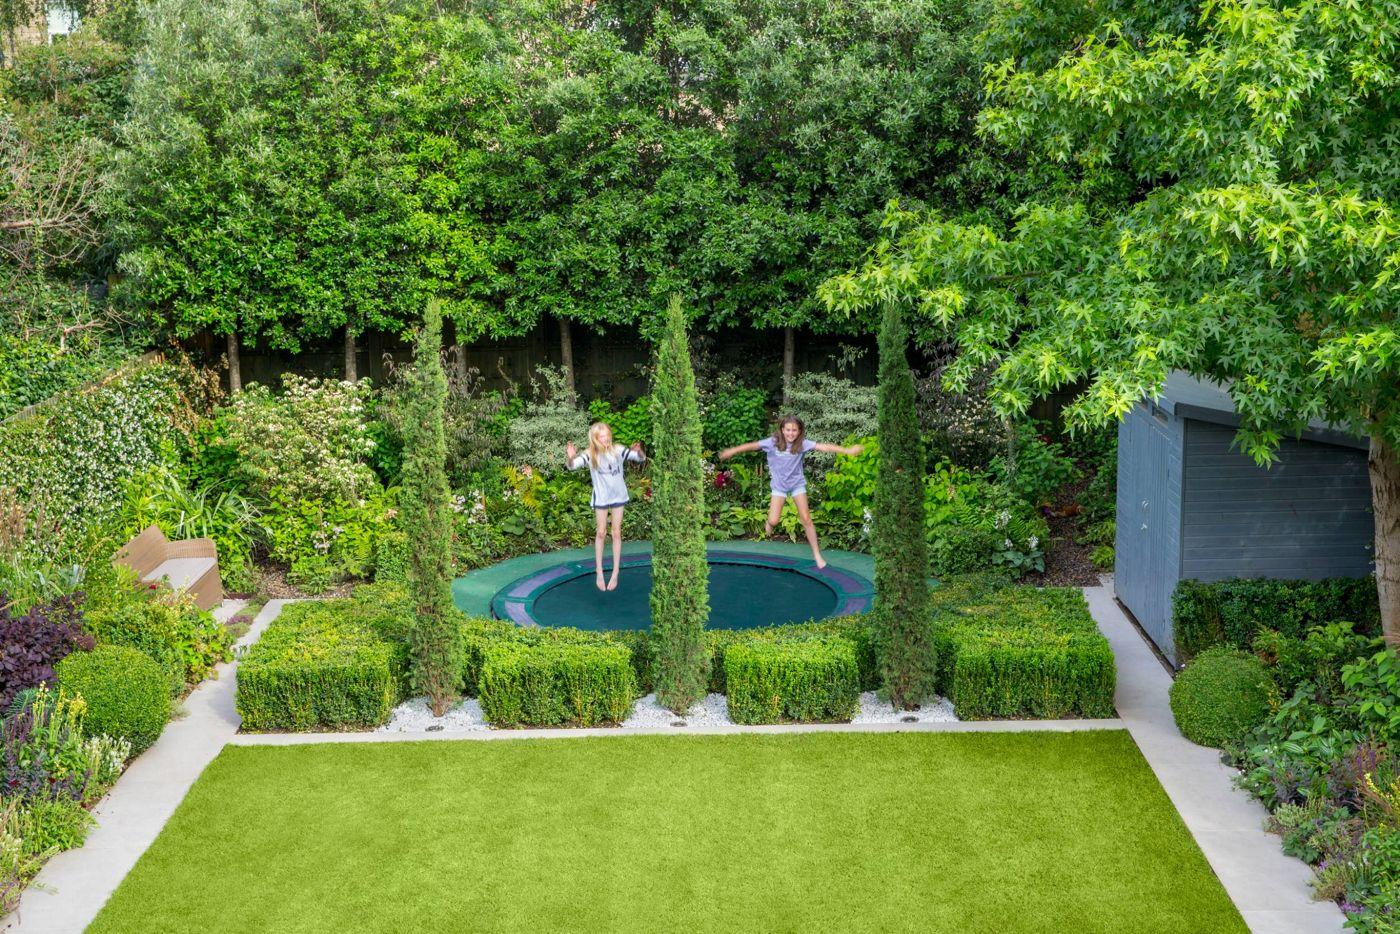 Bodentrampolin Im Garten Kinder Spielplatz Abgrenzen Bodentrampolin Garten Design Kleiner Garten